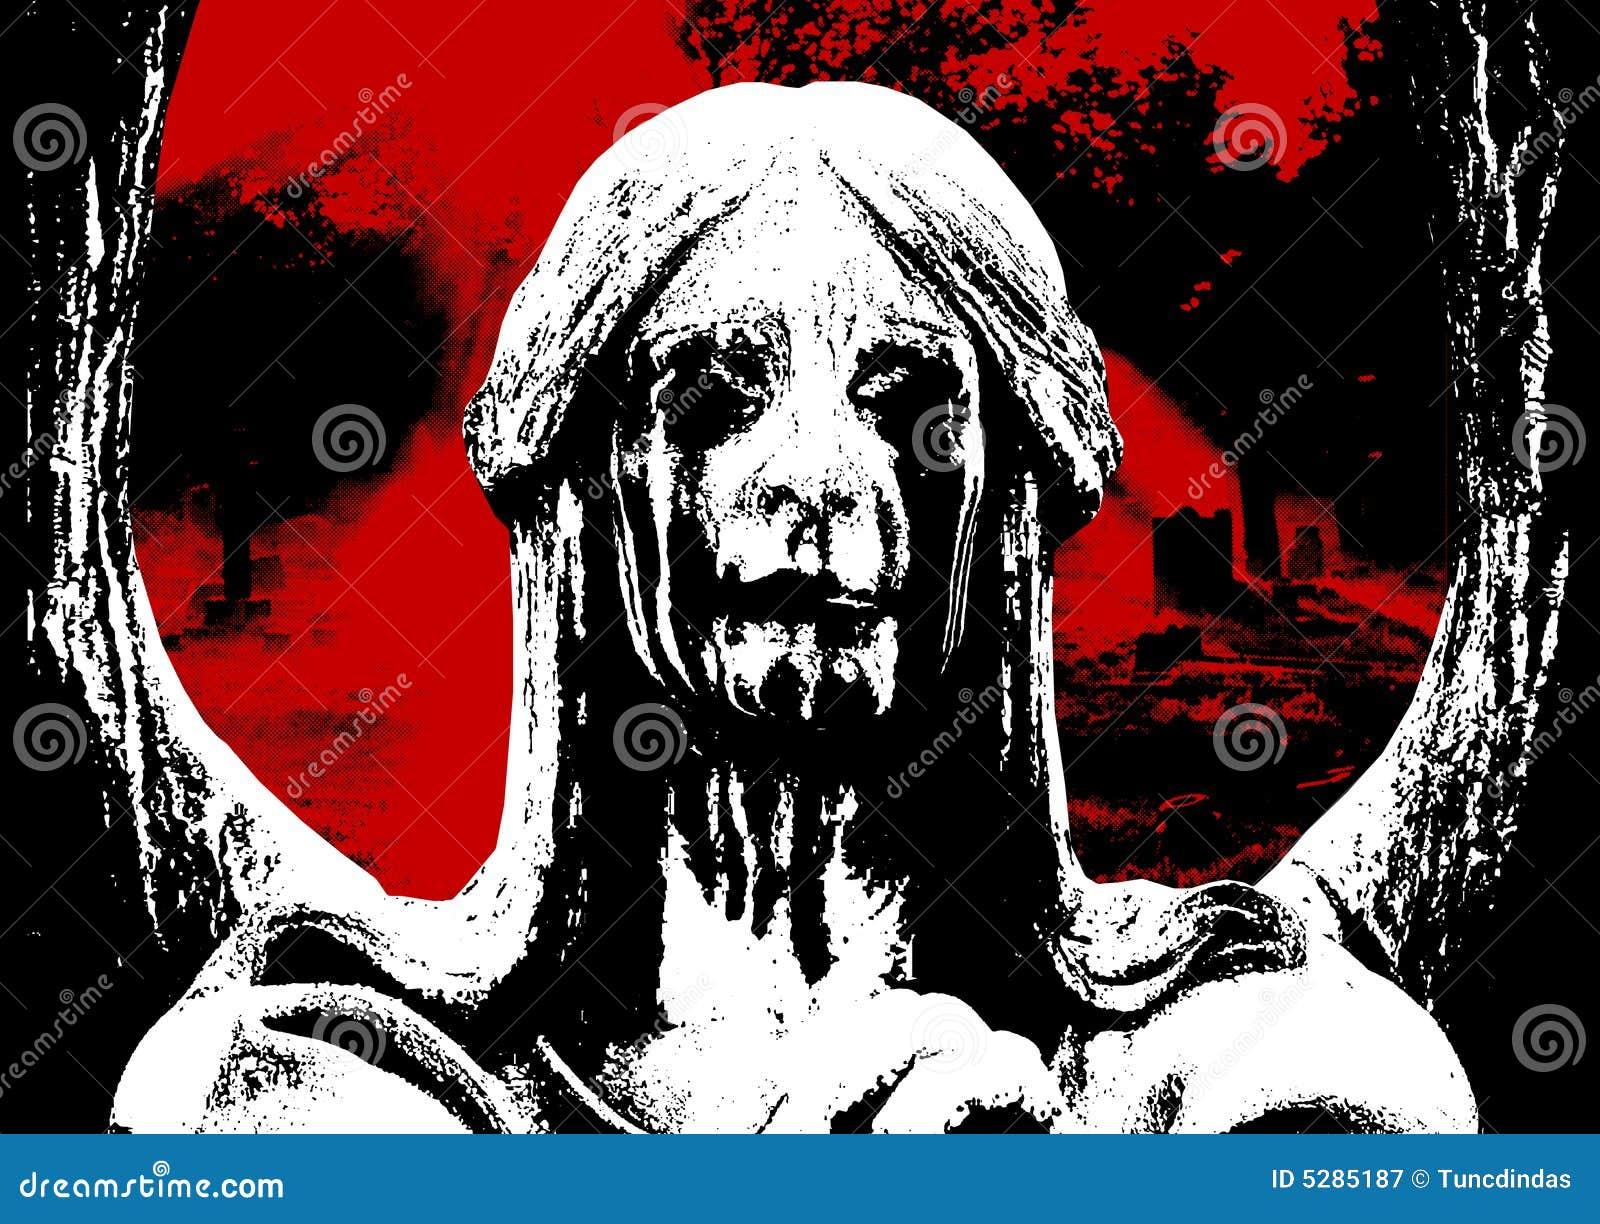 Horror 03